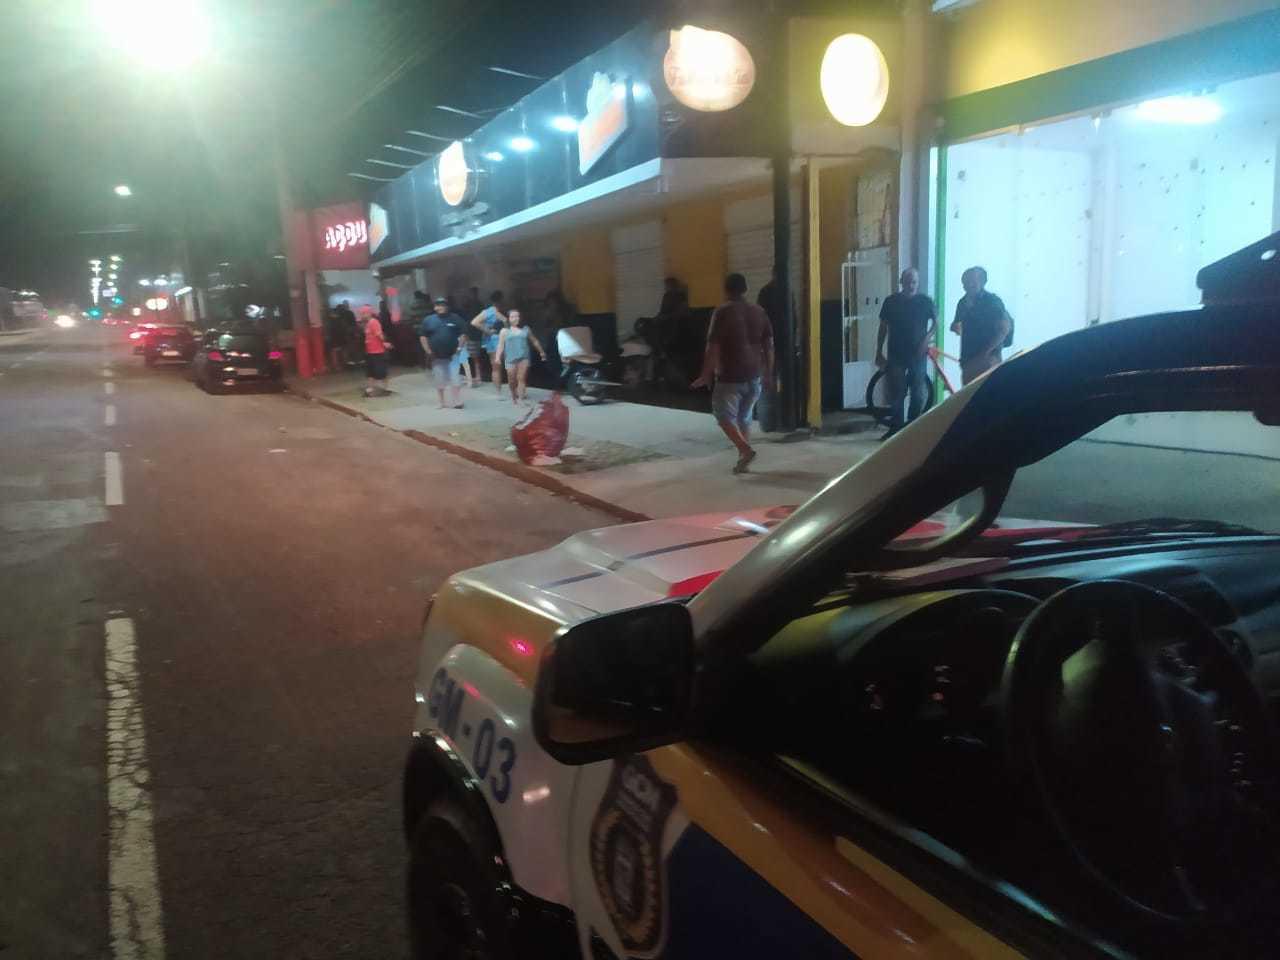 Fiscalização da Guarda Civil Metropolitana durante toque de recolher nessa sexta-feira (Foto: Divulgação/GCM)